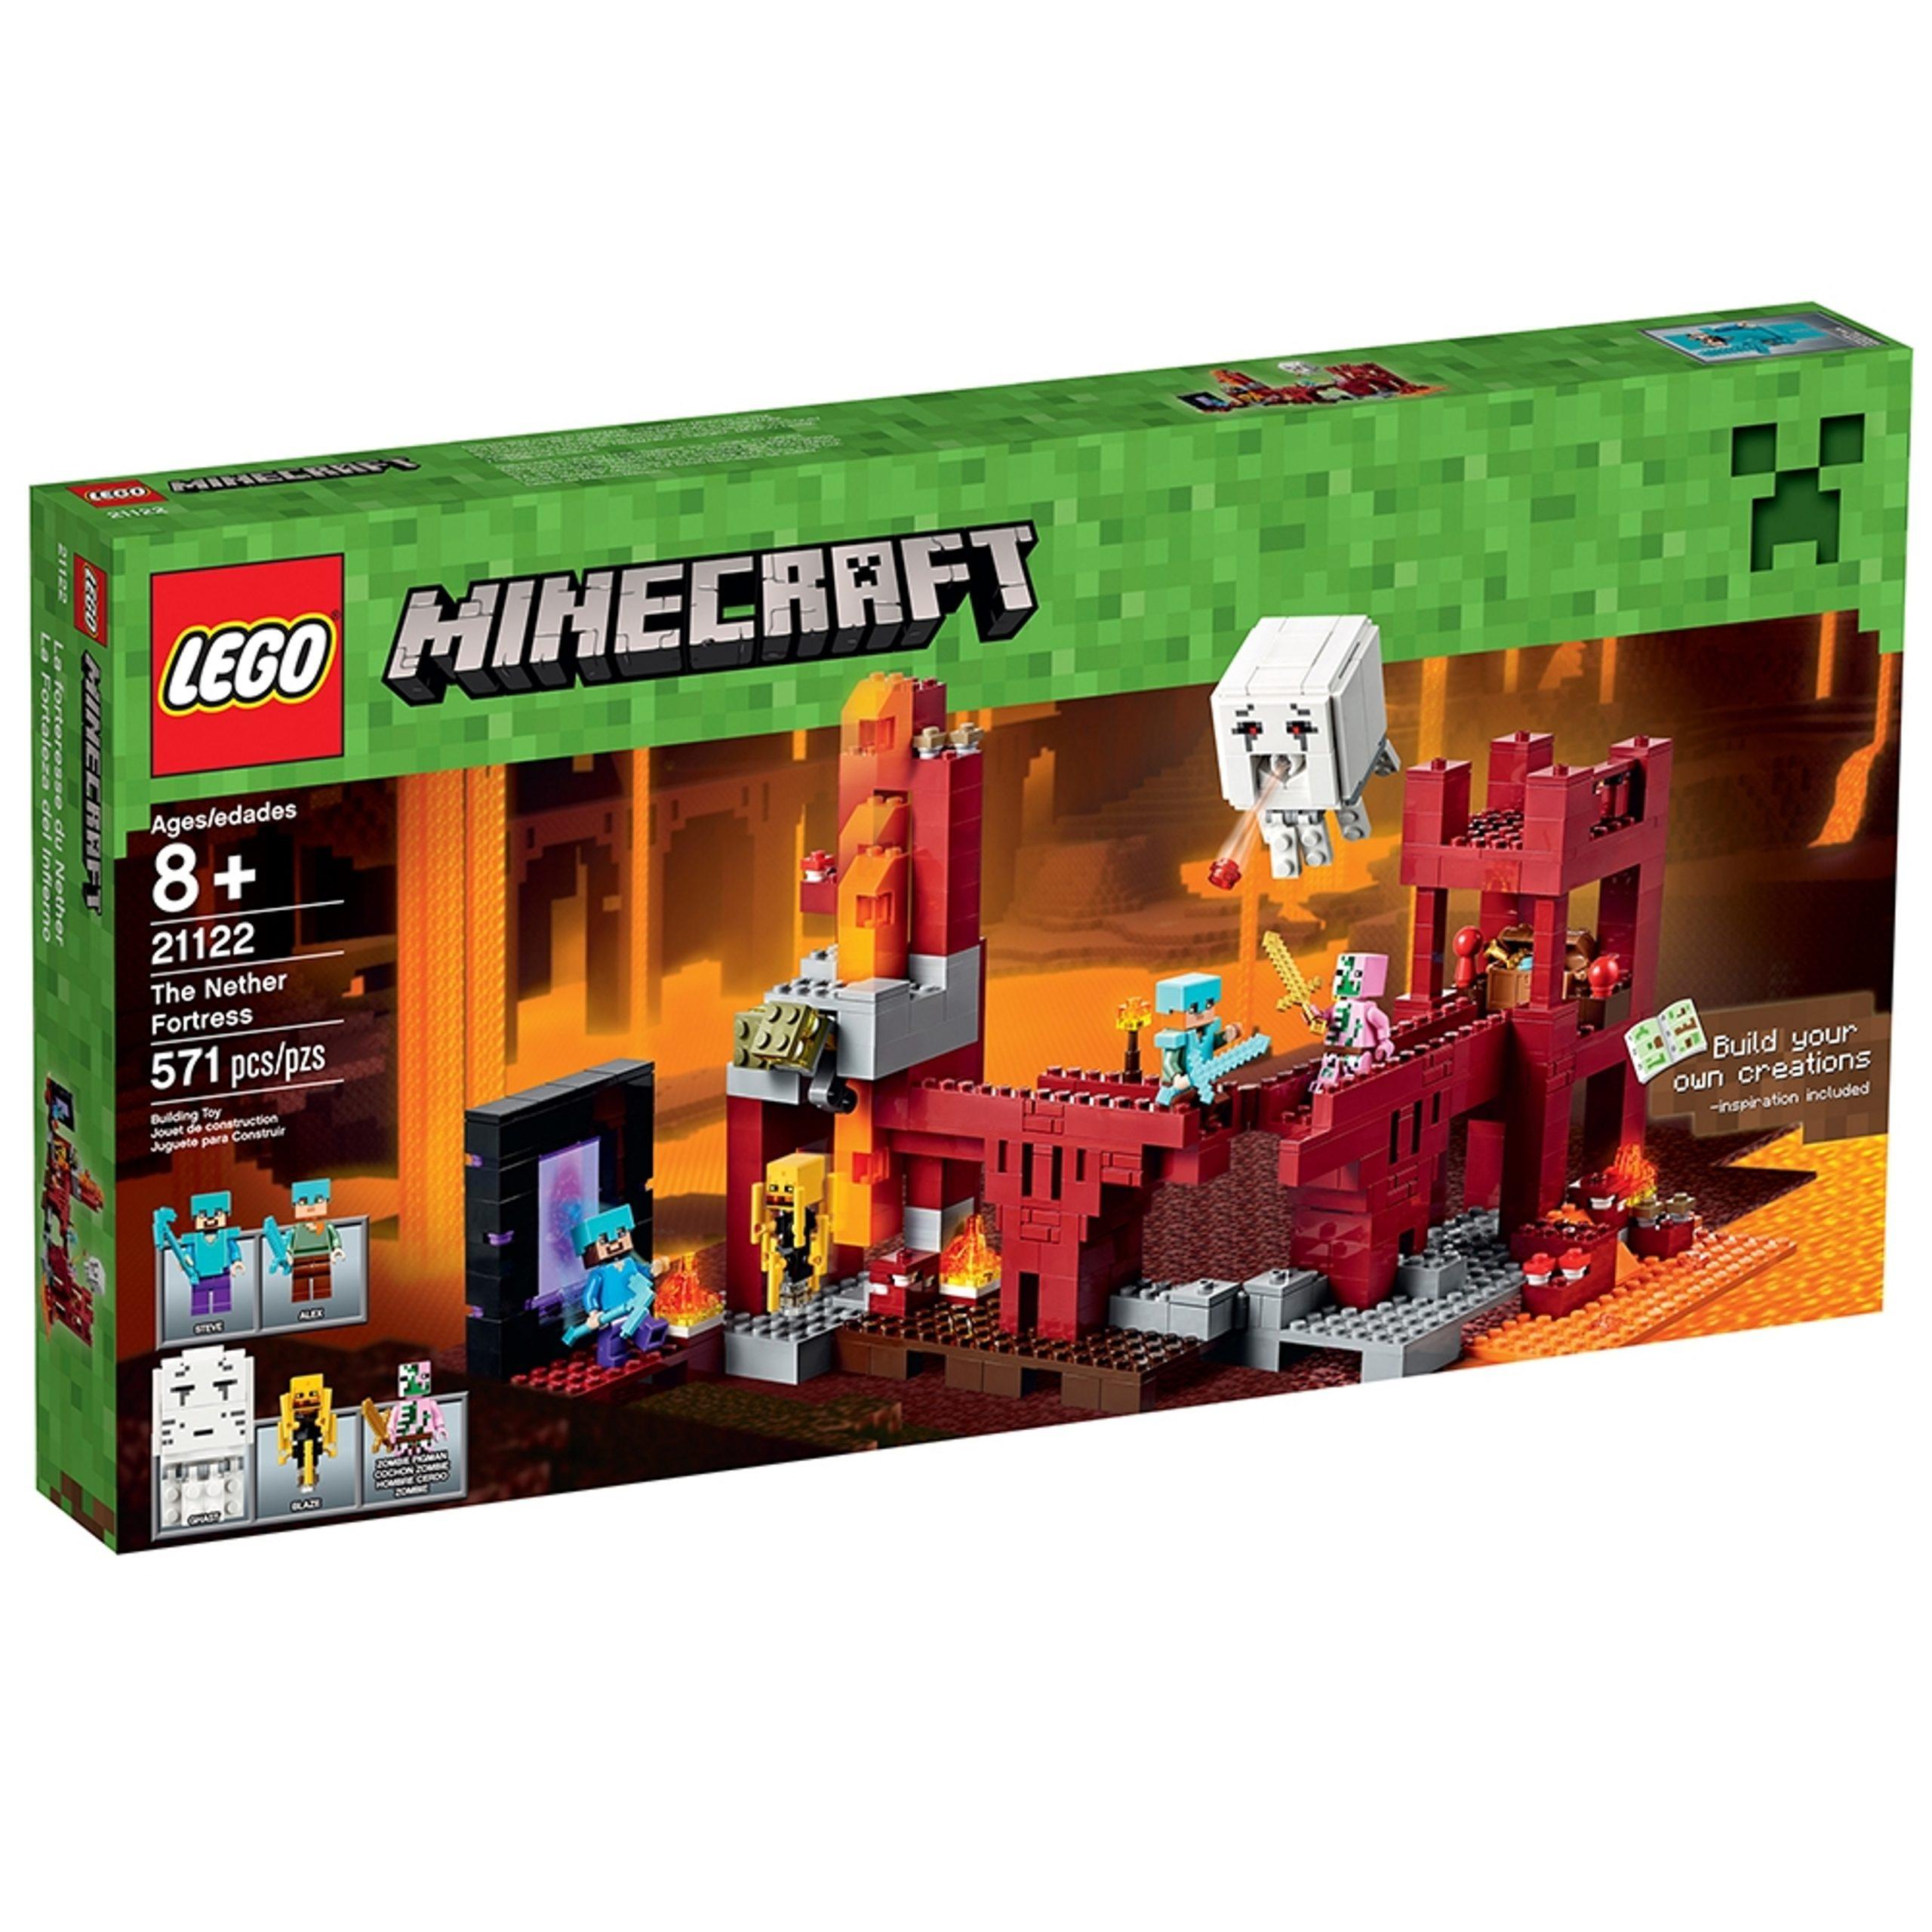 lego 21122 la forteresse du nether scaled